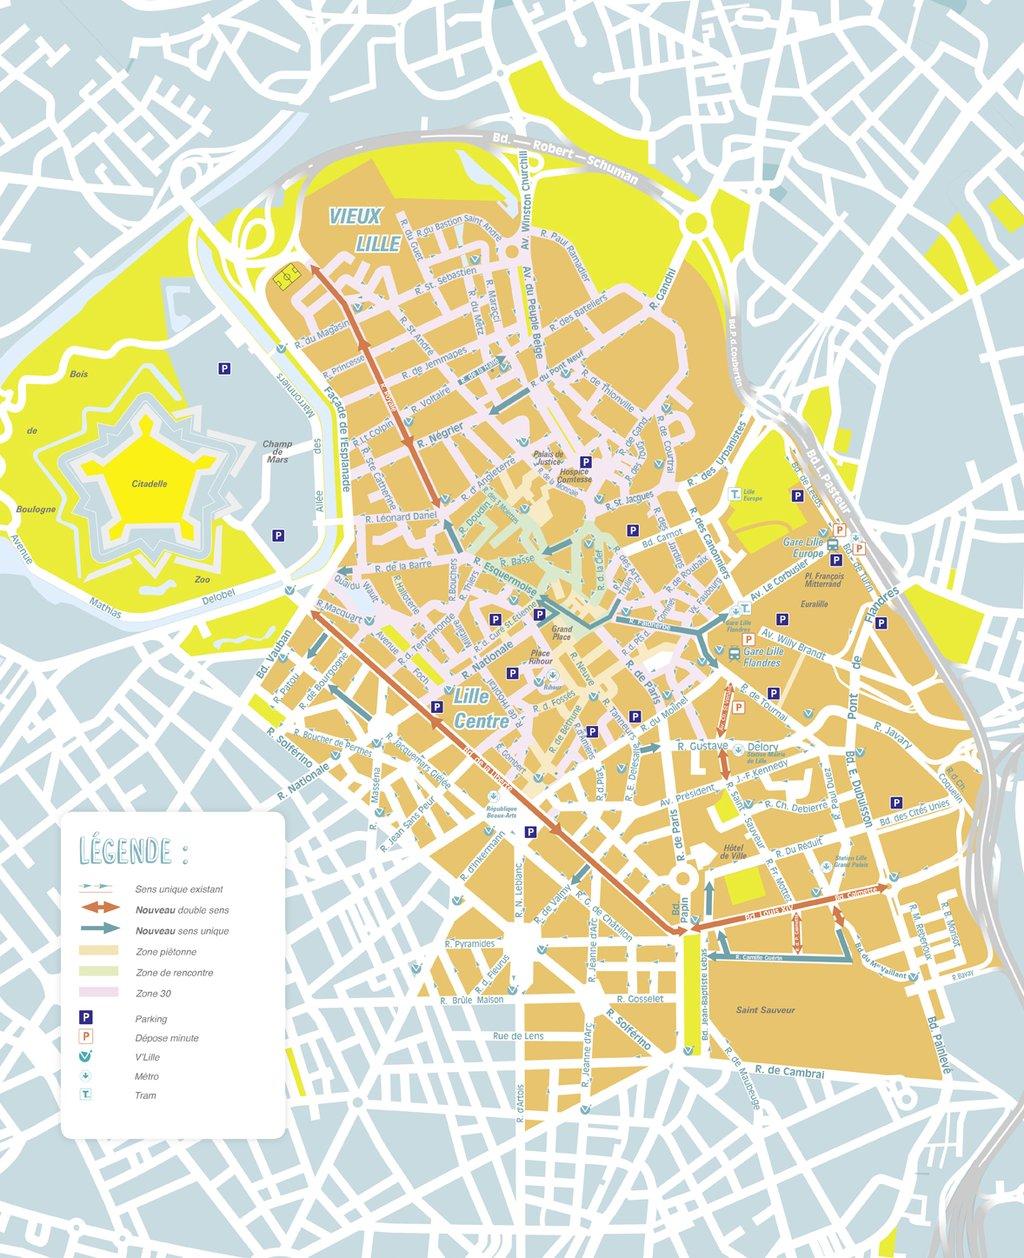 Nouveau plan de circulation lille ce qui change partir du lundi 22 ao t - Metro lille braderie ...